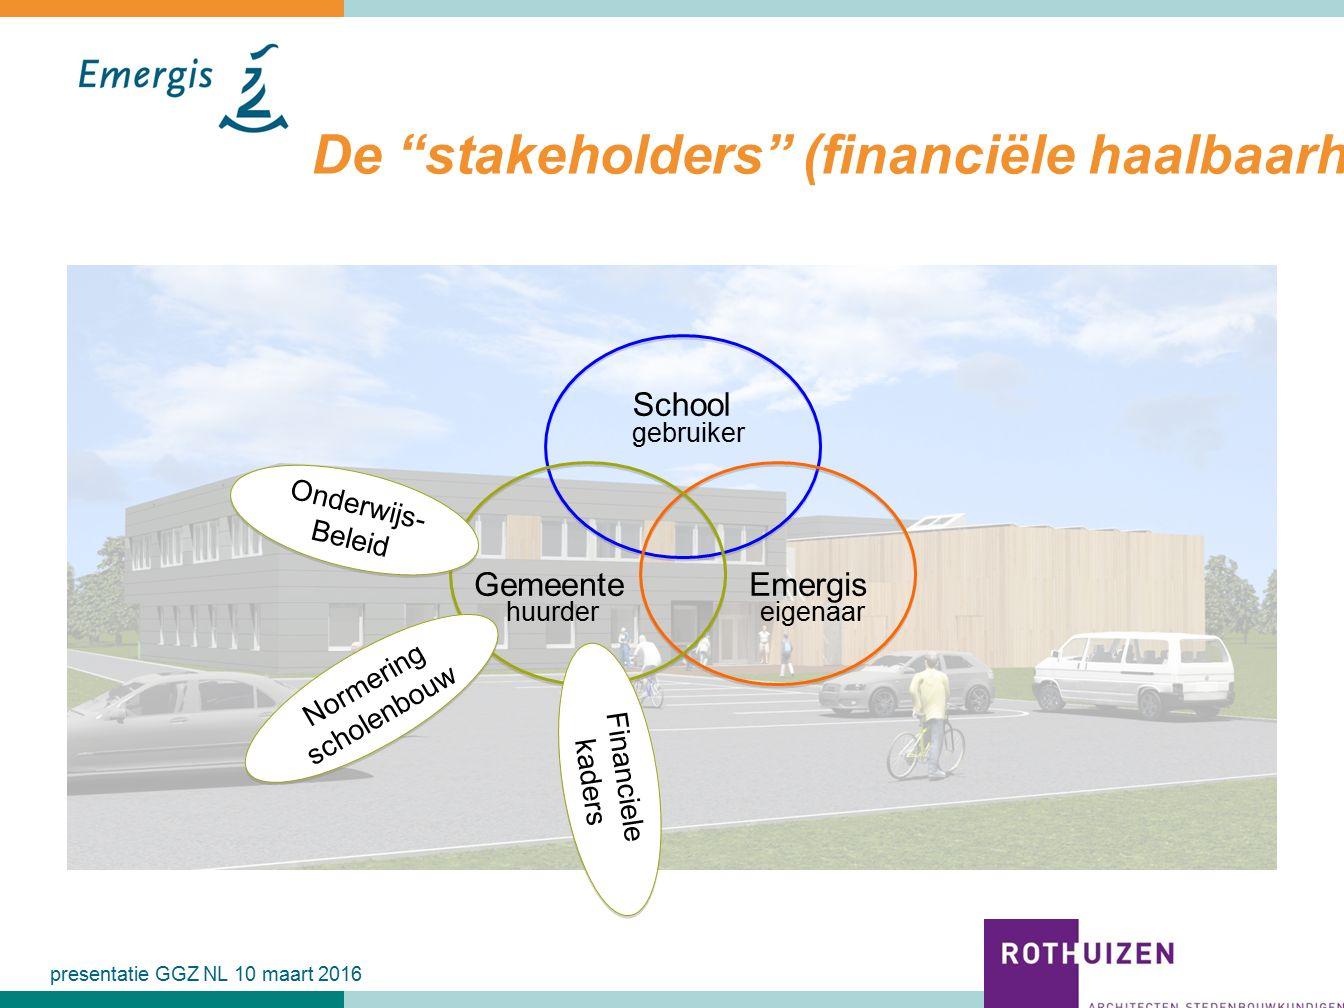 6 EmergisGemeente School eigenaarhuurder gebruiker Onderwijs- Beleid Normering scholenbouw Financiele kaders De stakeholders (financiële haalbaarheid) presentatie GGZ NL 10 maart 2016